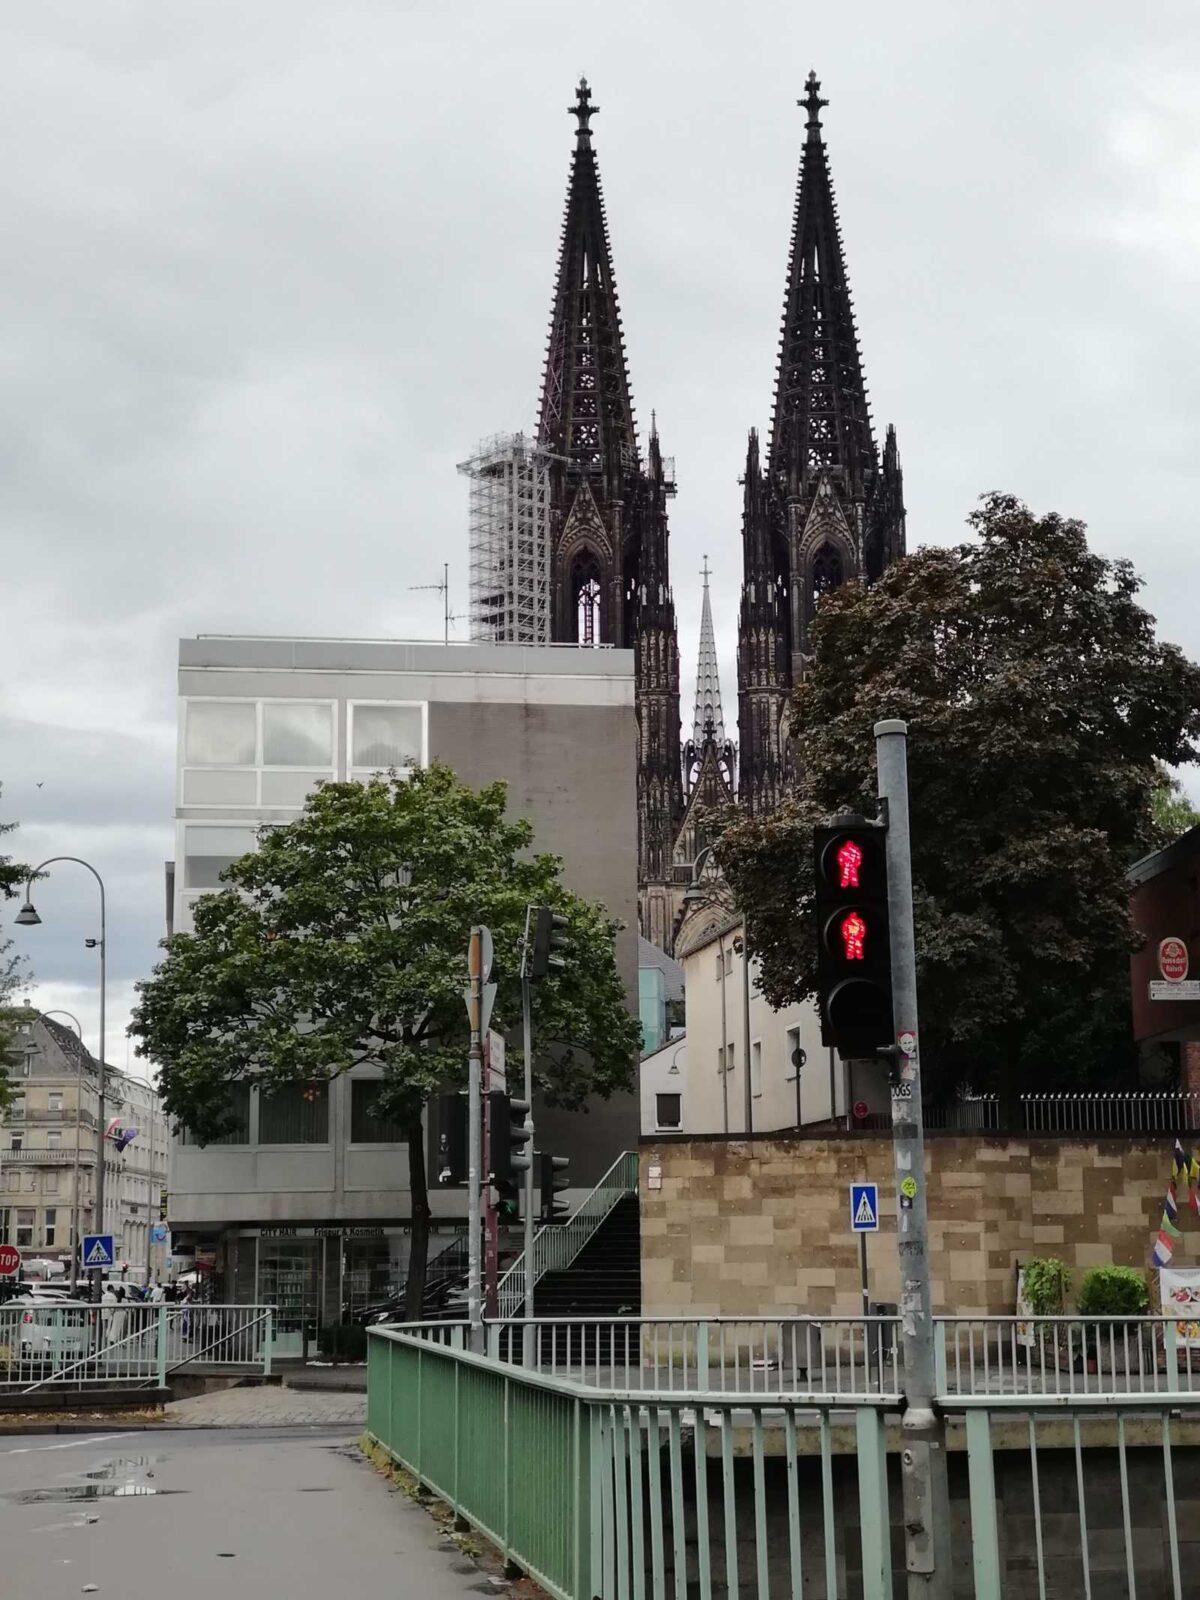 Deutschland, Köln, Kölnische Dom, Katholisch, graue Fassade, Straßenübergang, Brücke, Kölns Innenstadt, Urbanismus, Baukultur, Architektur, Sehenswürdigkeit, Monument, Denkmal